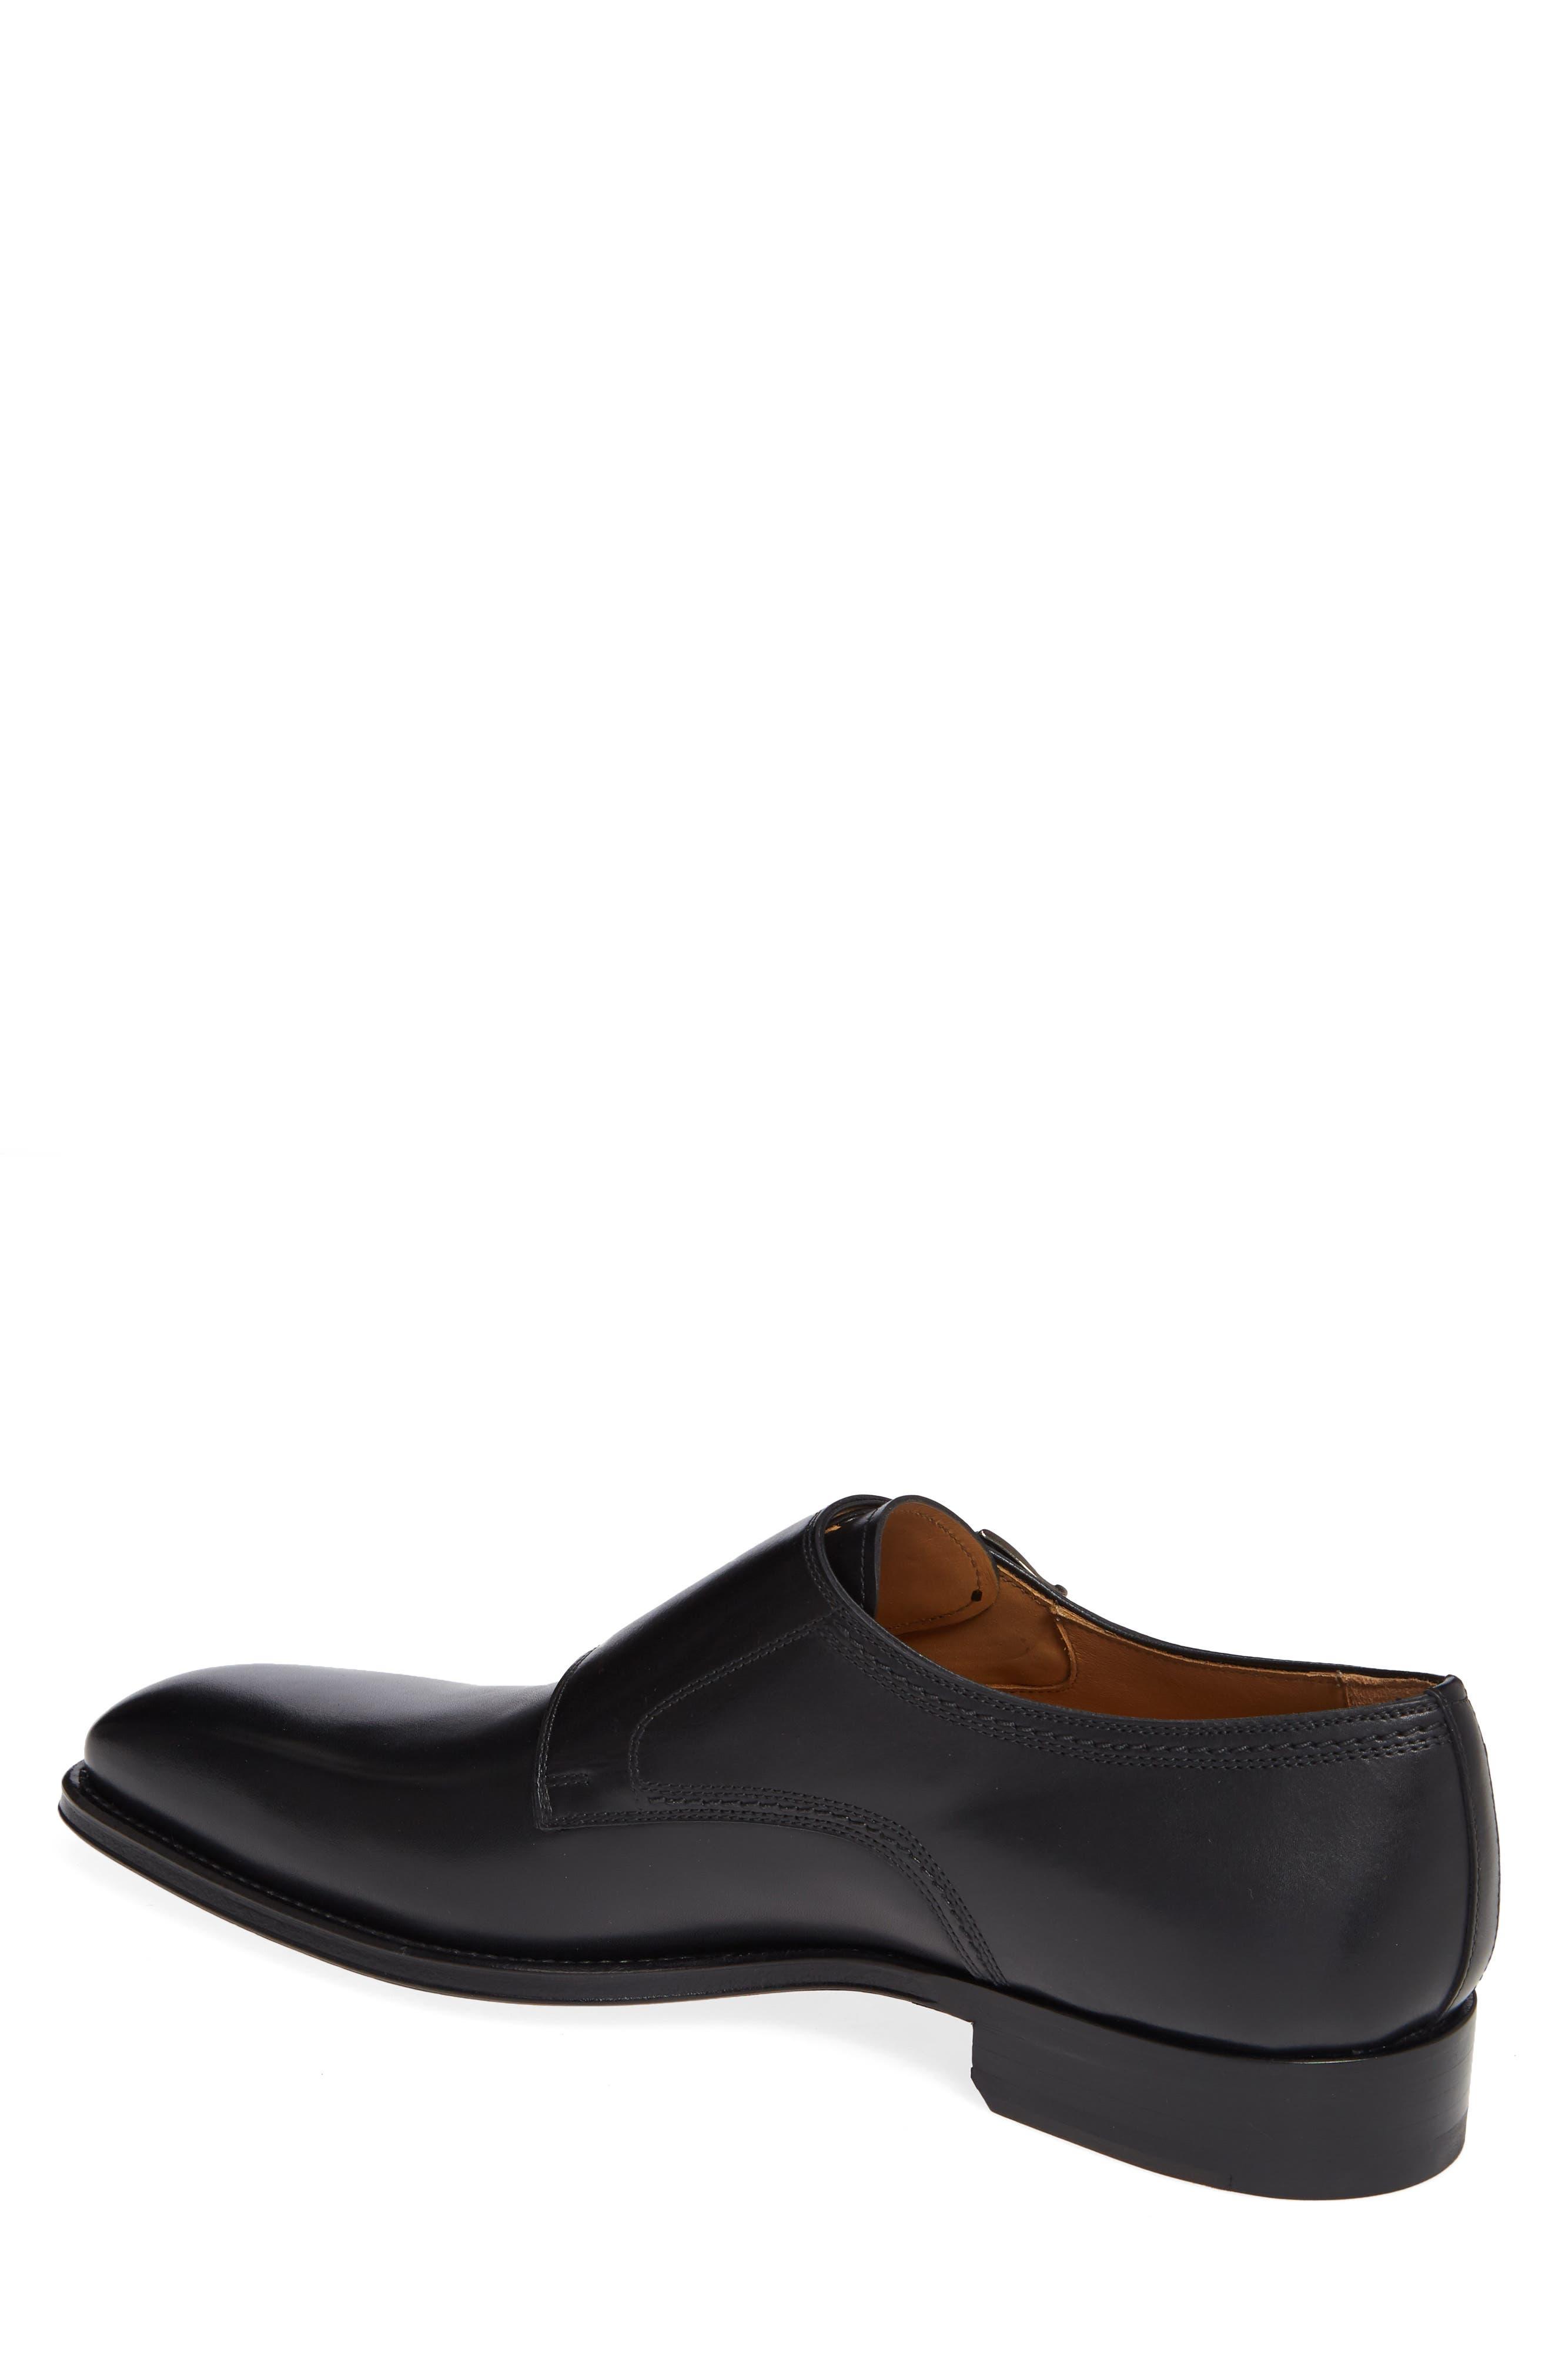 Landon Double Strap Monk Shoe,                             Alternate thumbnail 2, color,                             BLACK LEATHER